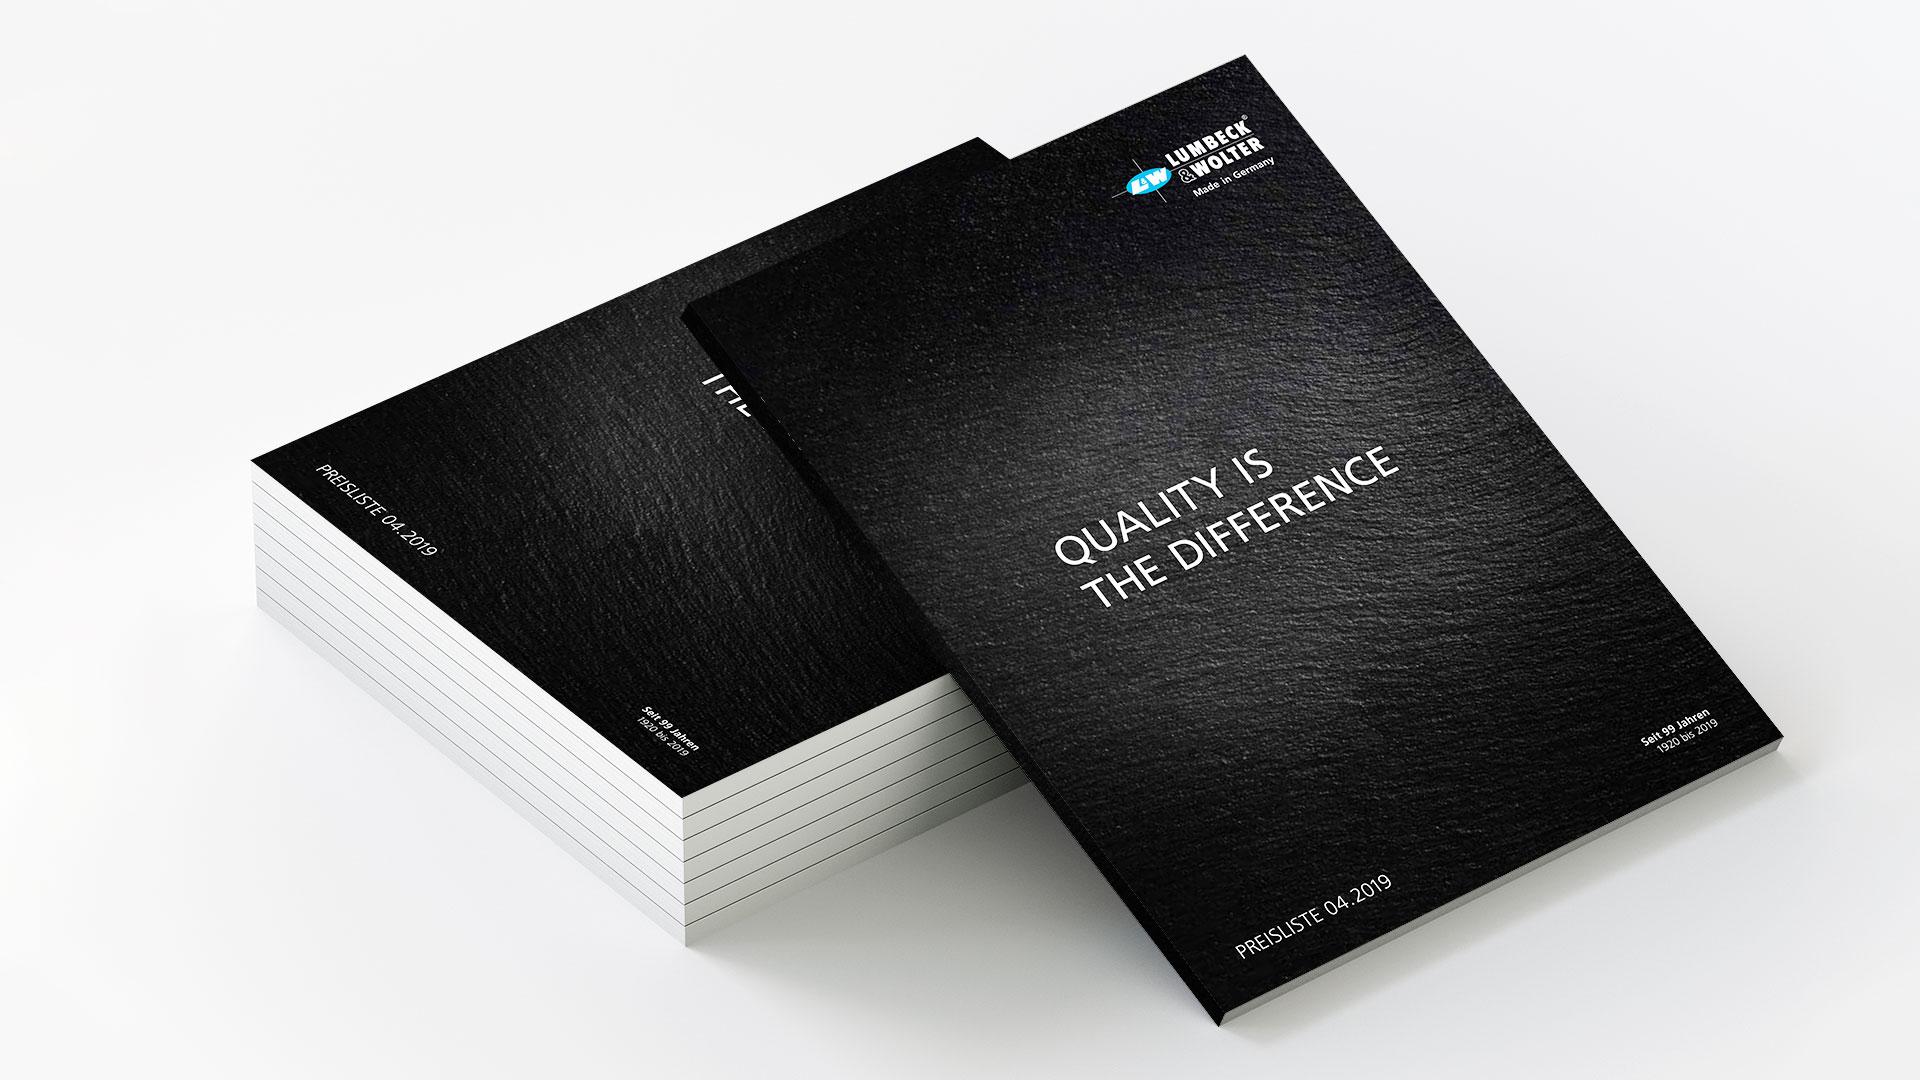 Katalog Lumbeck & Wolter